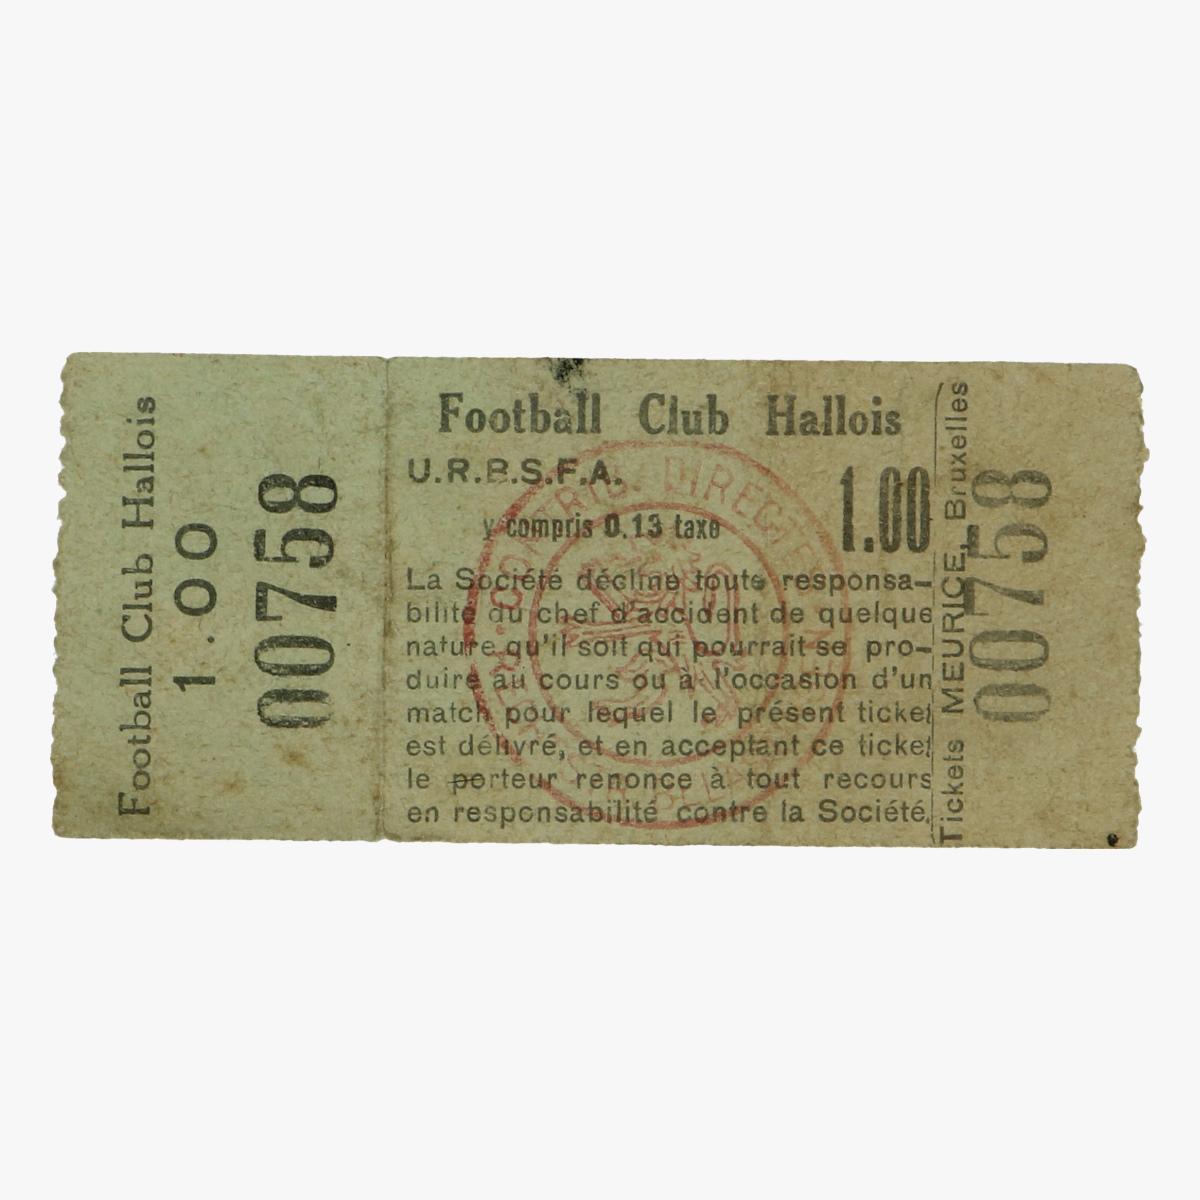 Afbeeldingen van voetbal ticket club hallois